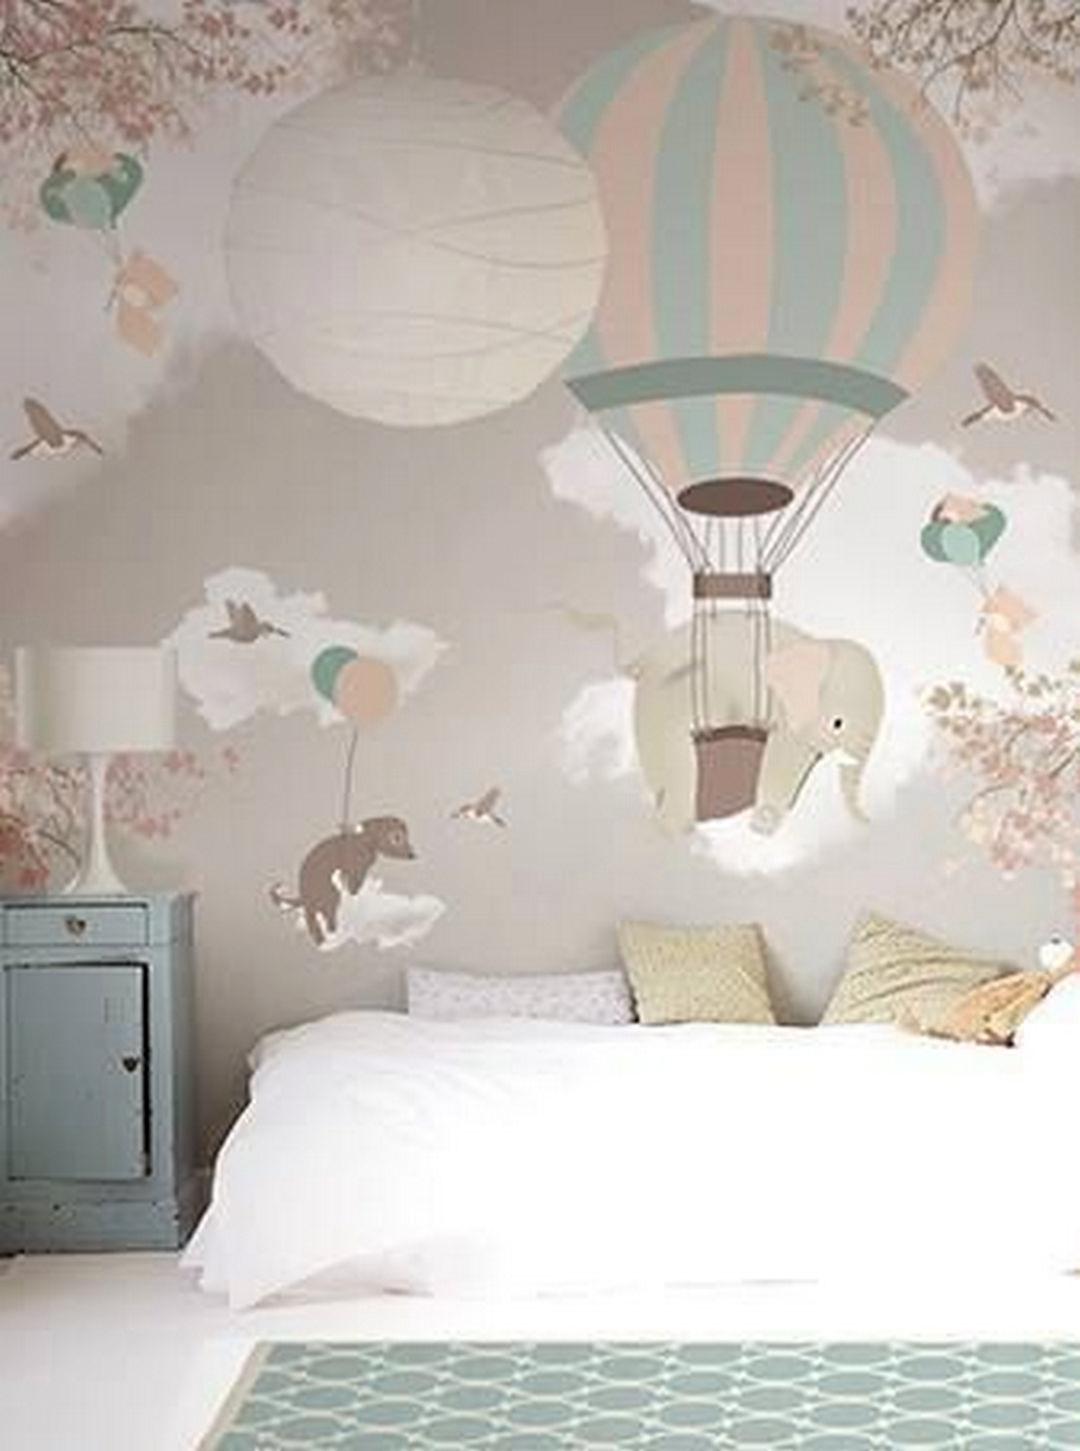 Adorable gender neutral kids bedroom 108 best interior - Habitacion bebe papel pintado ...